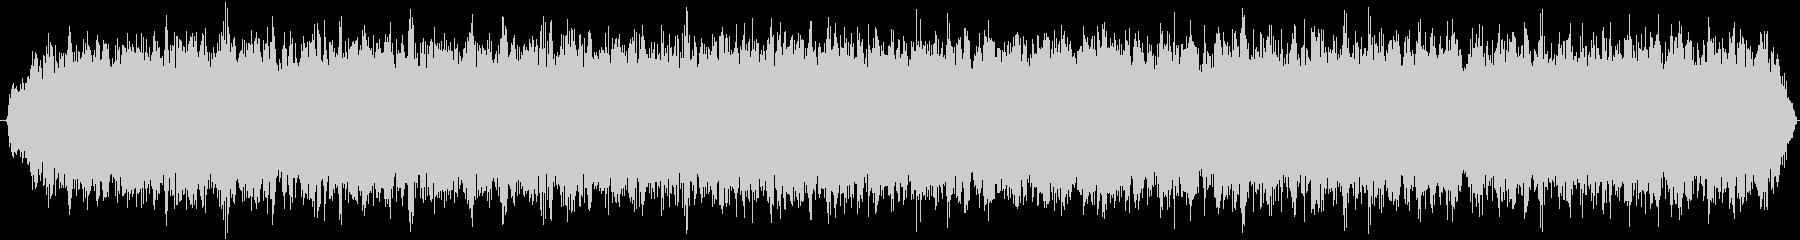 PADS 合唱団ハム02の未再生の波形